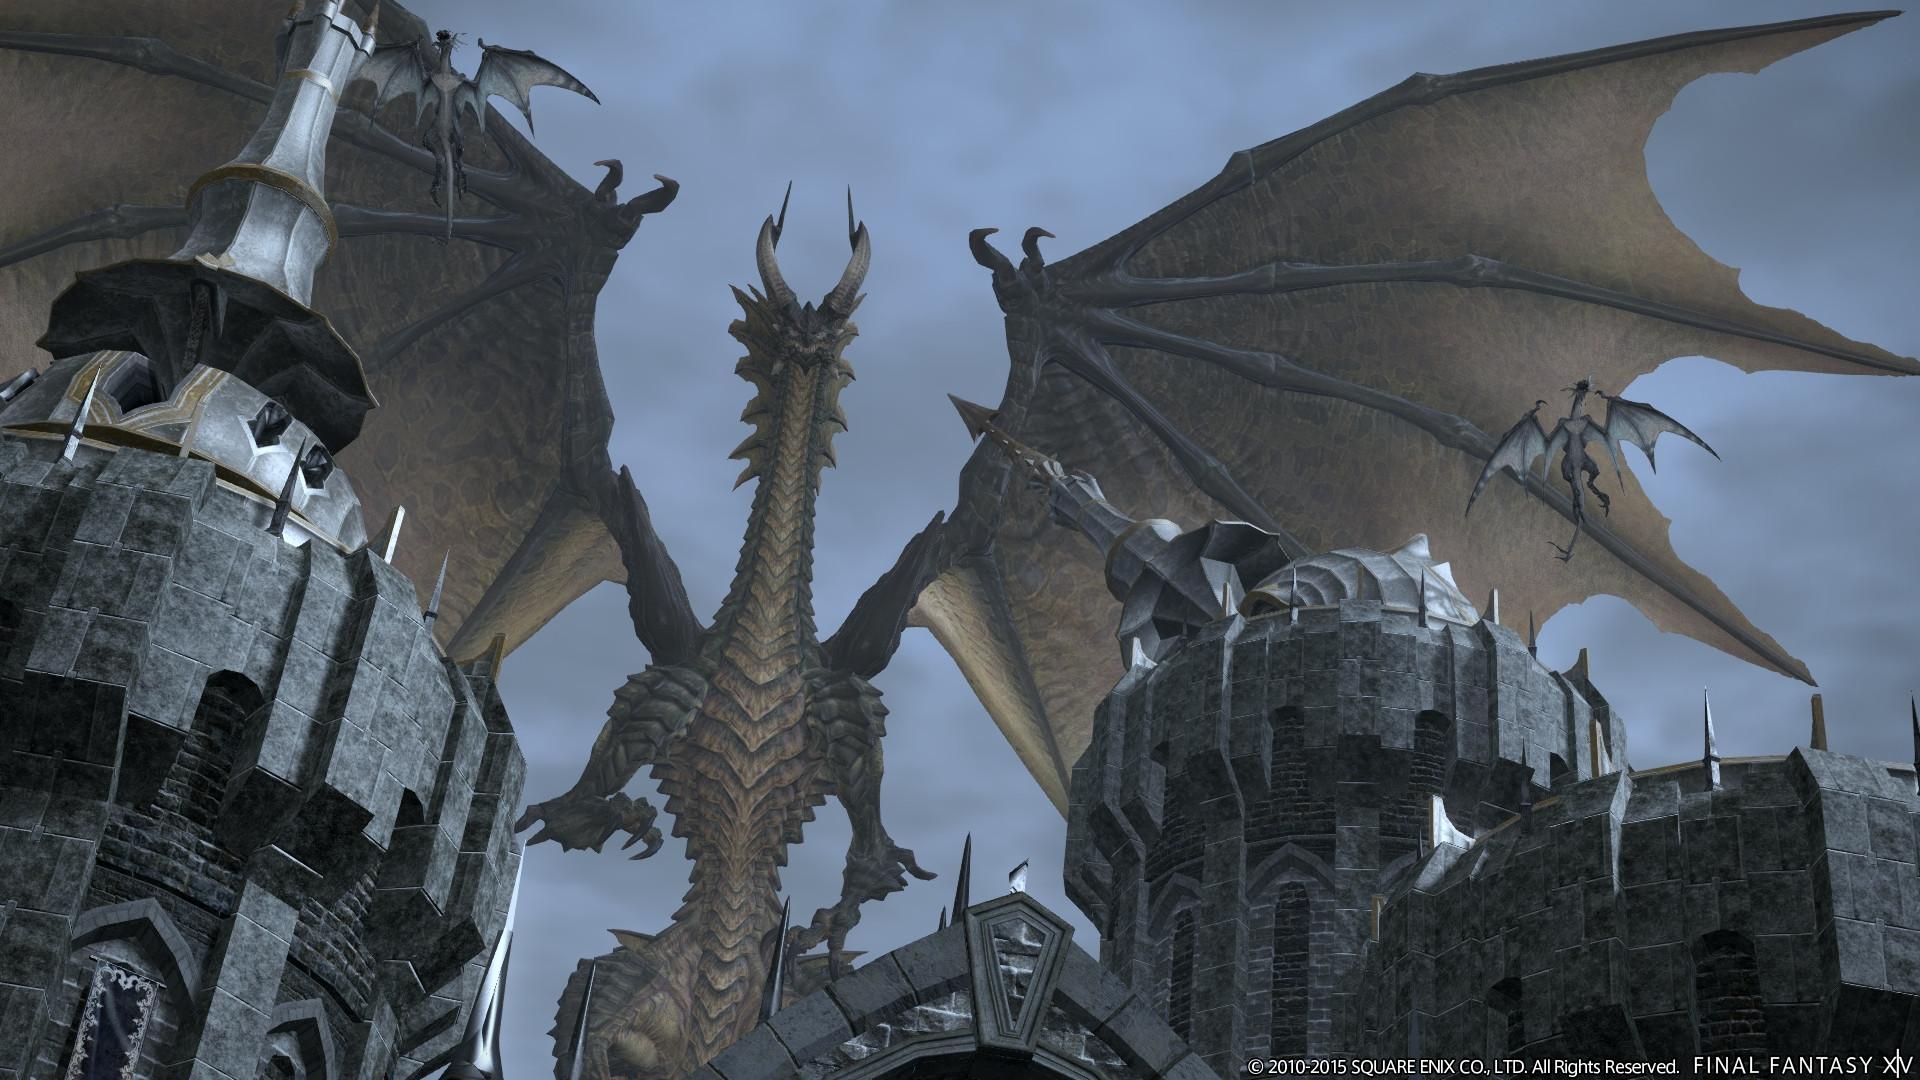 Final Fantasy XIV: Erste Bilder zum letzten Patch vor Heavensward